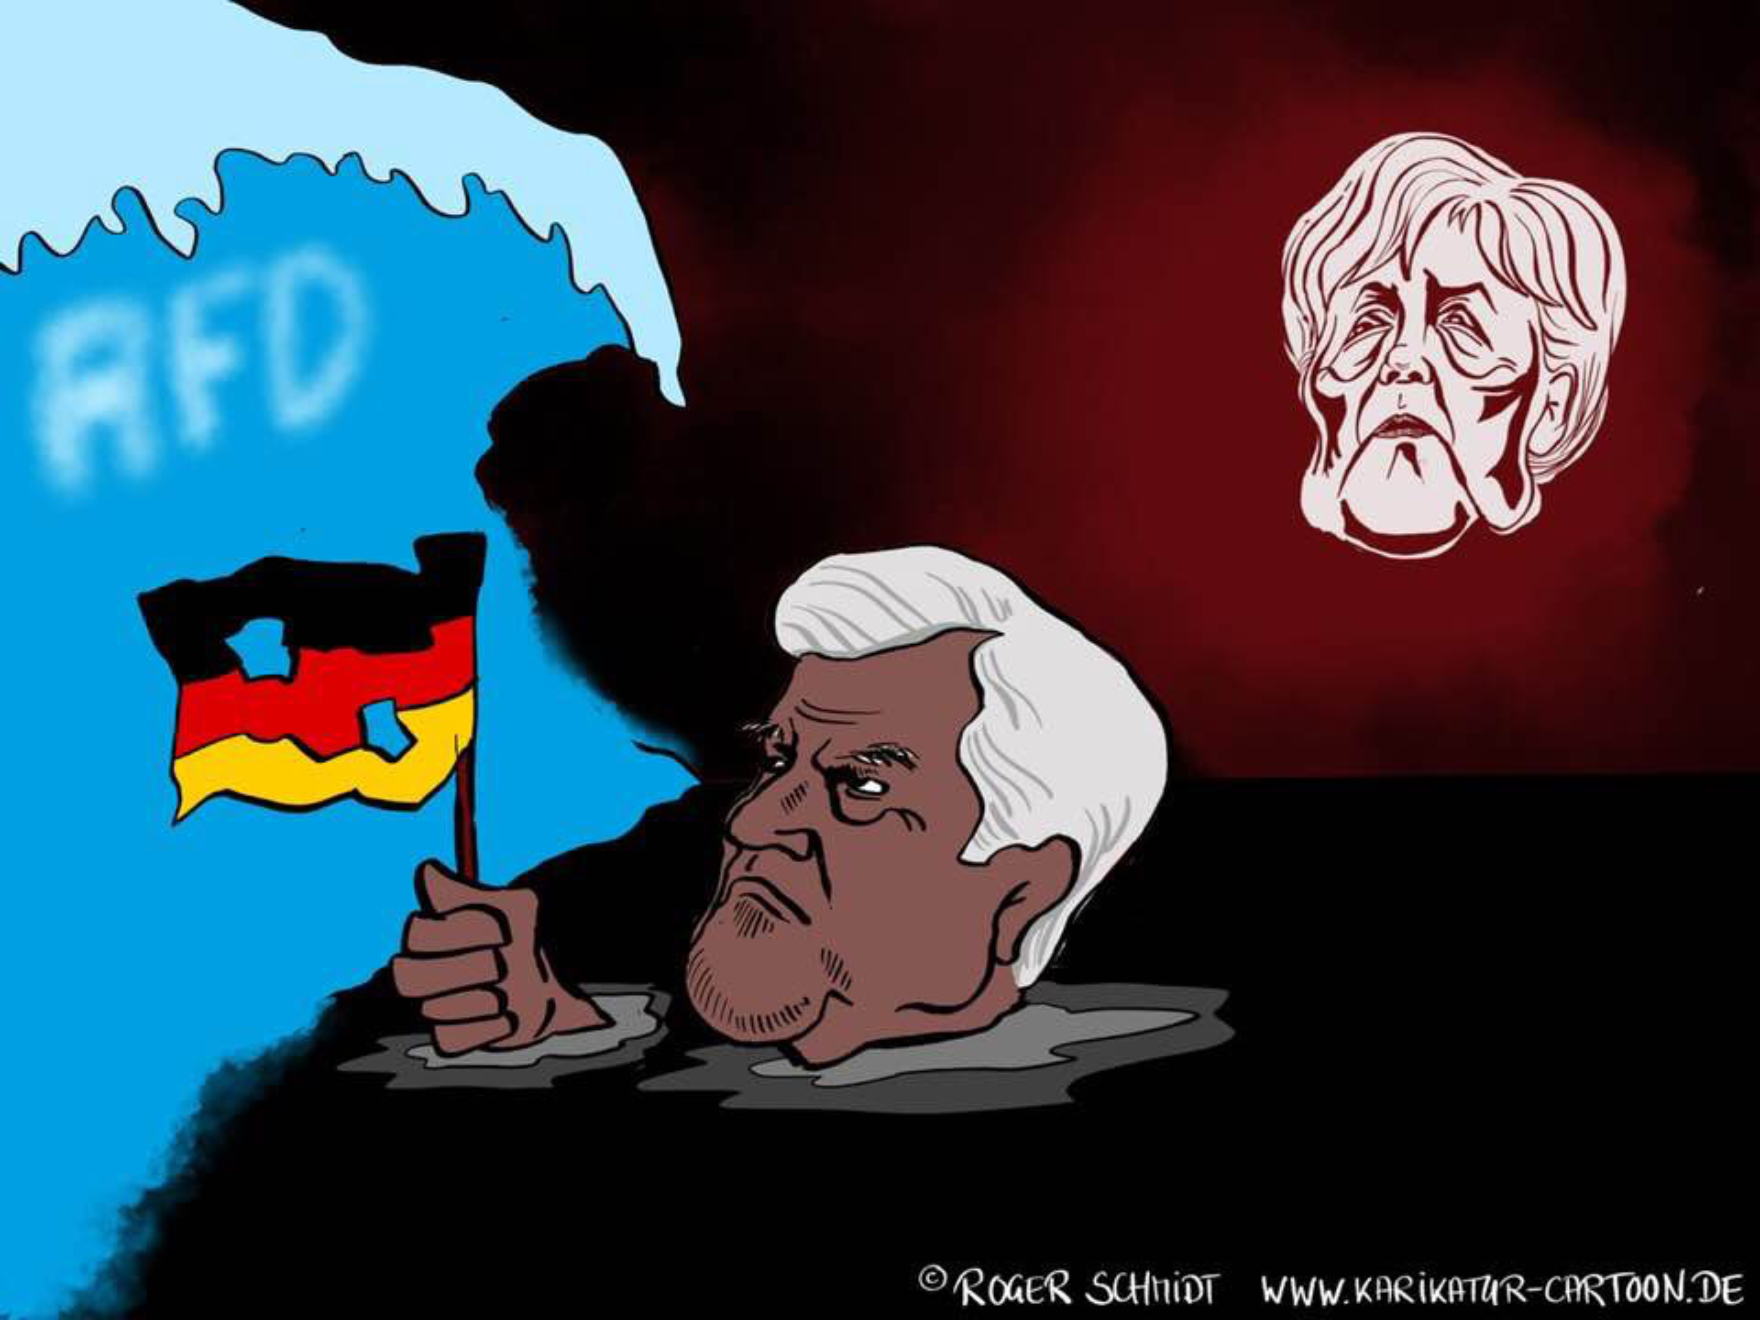 Karikatur, Cartoon: Seehofer paddelt weiter, © Roger Schmidt